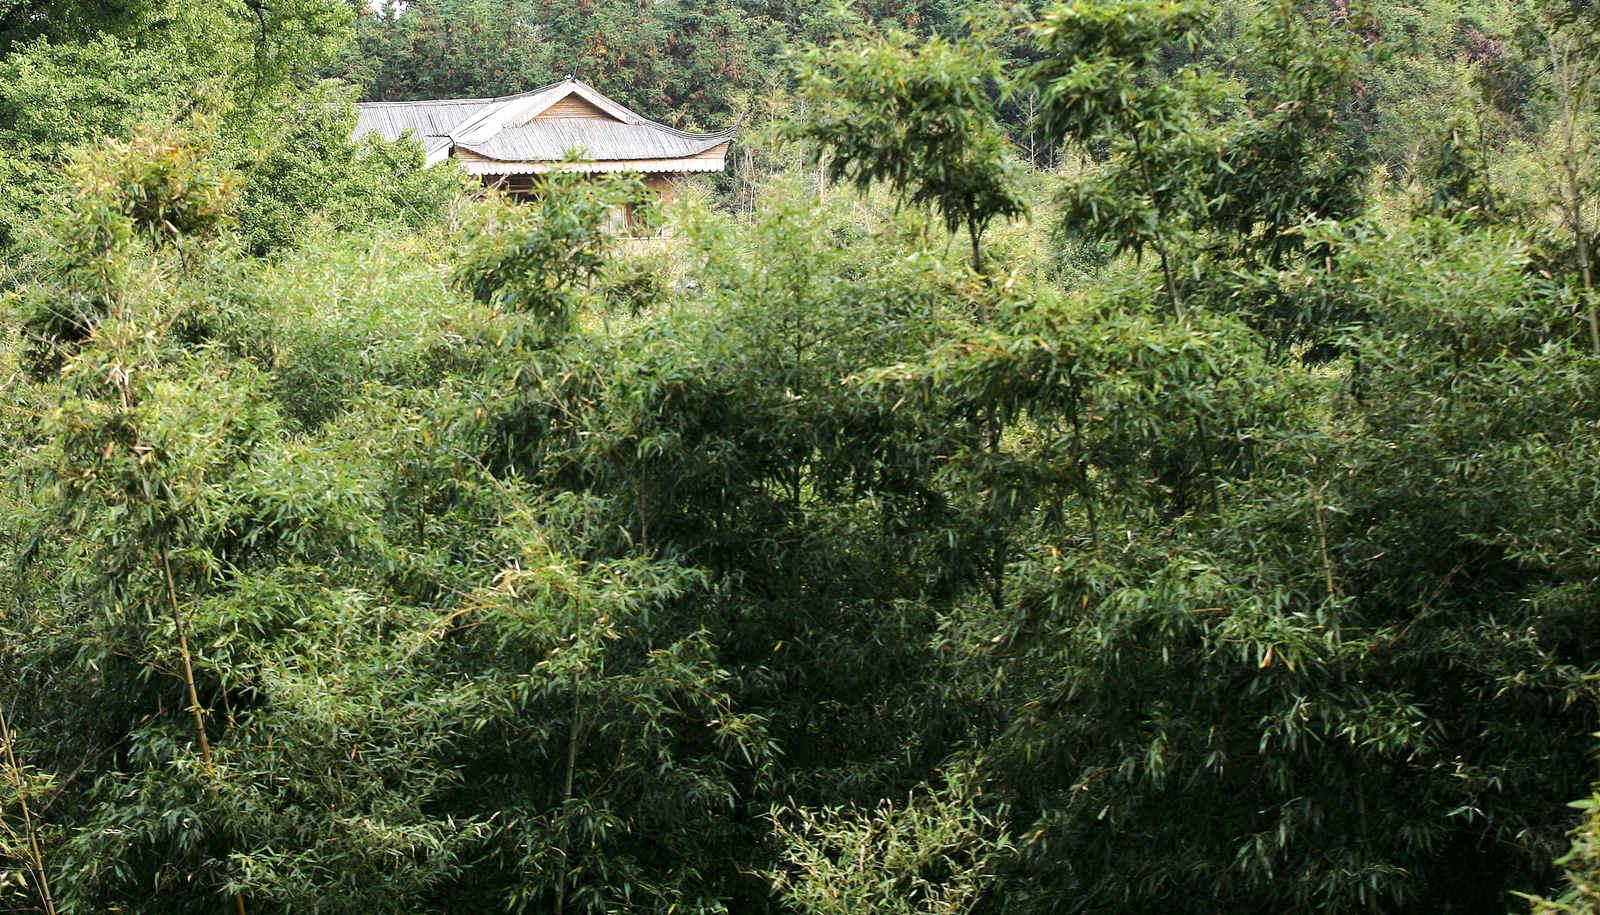 湖北省  枣阳市地标 白竹园寺风景区 - 西部落叶 - 《西部落叶》· 余文博客